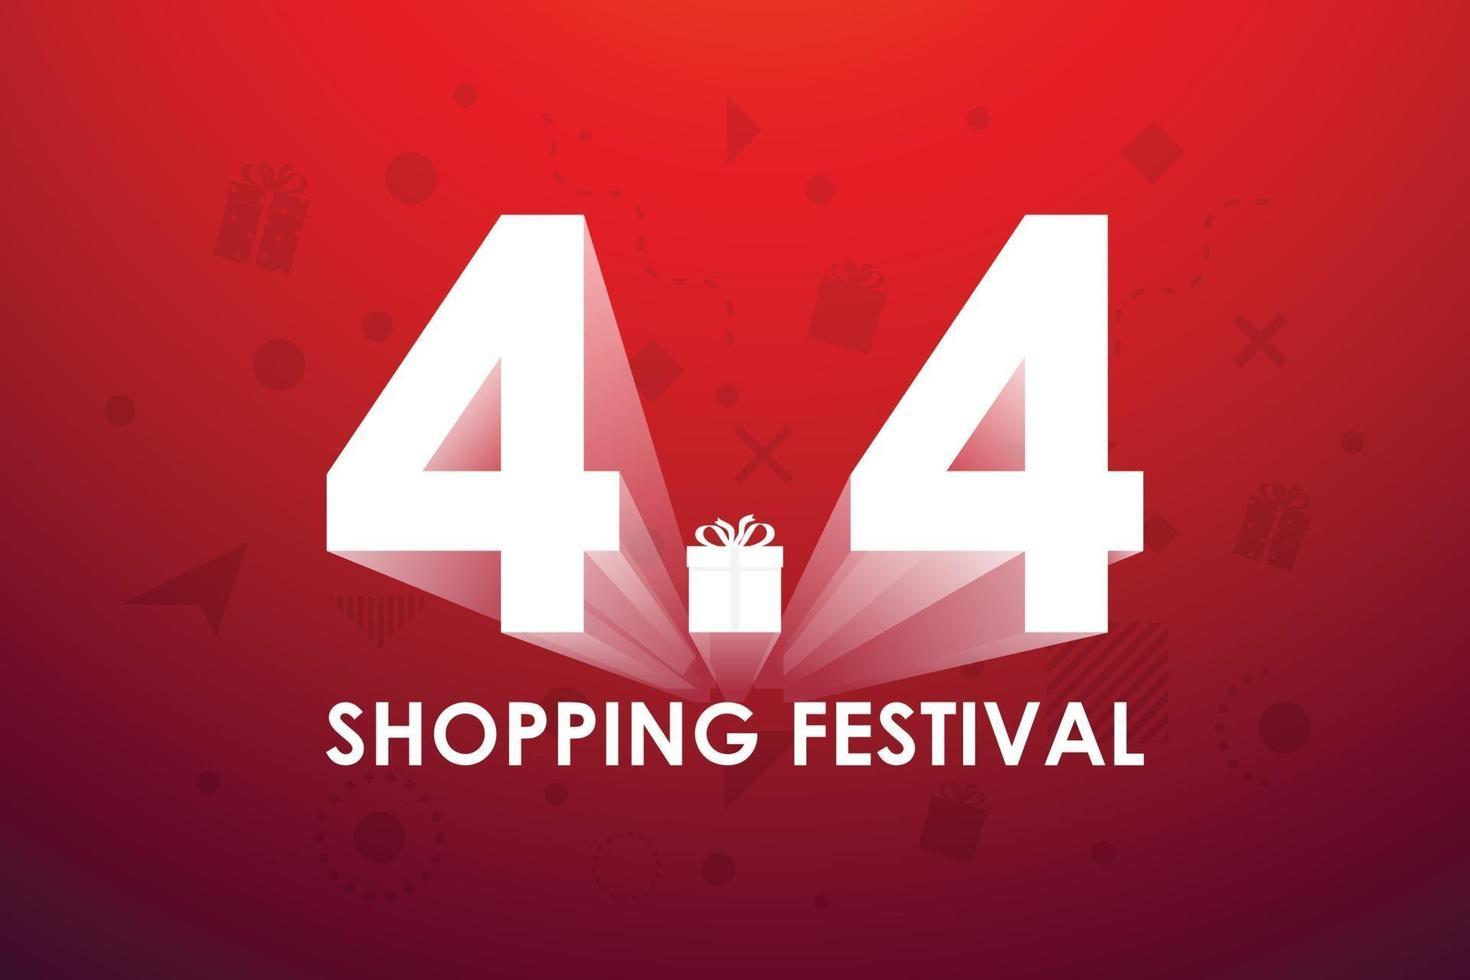 4.4 shopping festival, tal marknadsföring banner design på röd bakgrund. vektor illustration